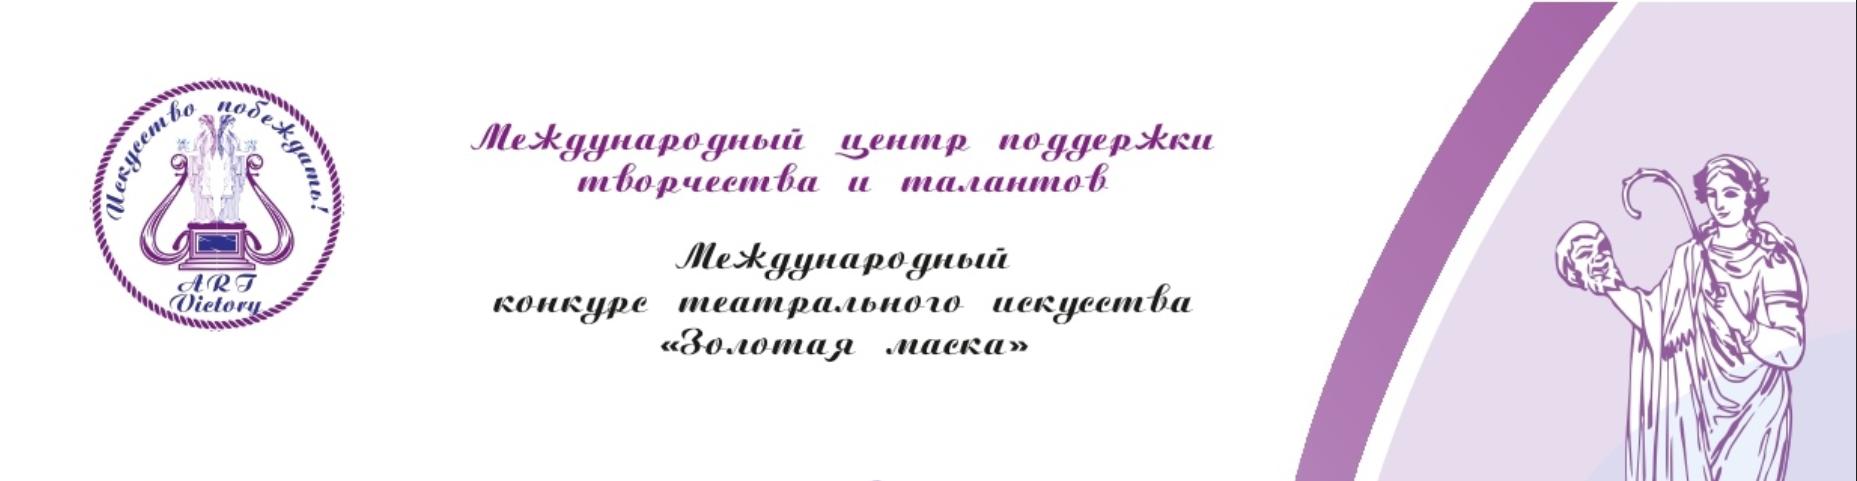 ОБ ИТОГАХ МЕЖДУНАРОДНОГО КОНКУРСА ТЕАТРАЛЬНОГО ИСКУССТВА «ЗОЛОТАЯ МАСКА», ПРОВОДИМОГО МЕЖДУНАРОДНЫМ ЦЕНТРОМ ПОДДЕРЖКИ ТВОРЧЕСТВА И ТАЛАНТОВ «ART VICTORY»